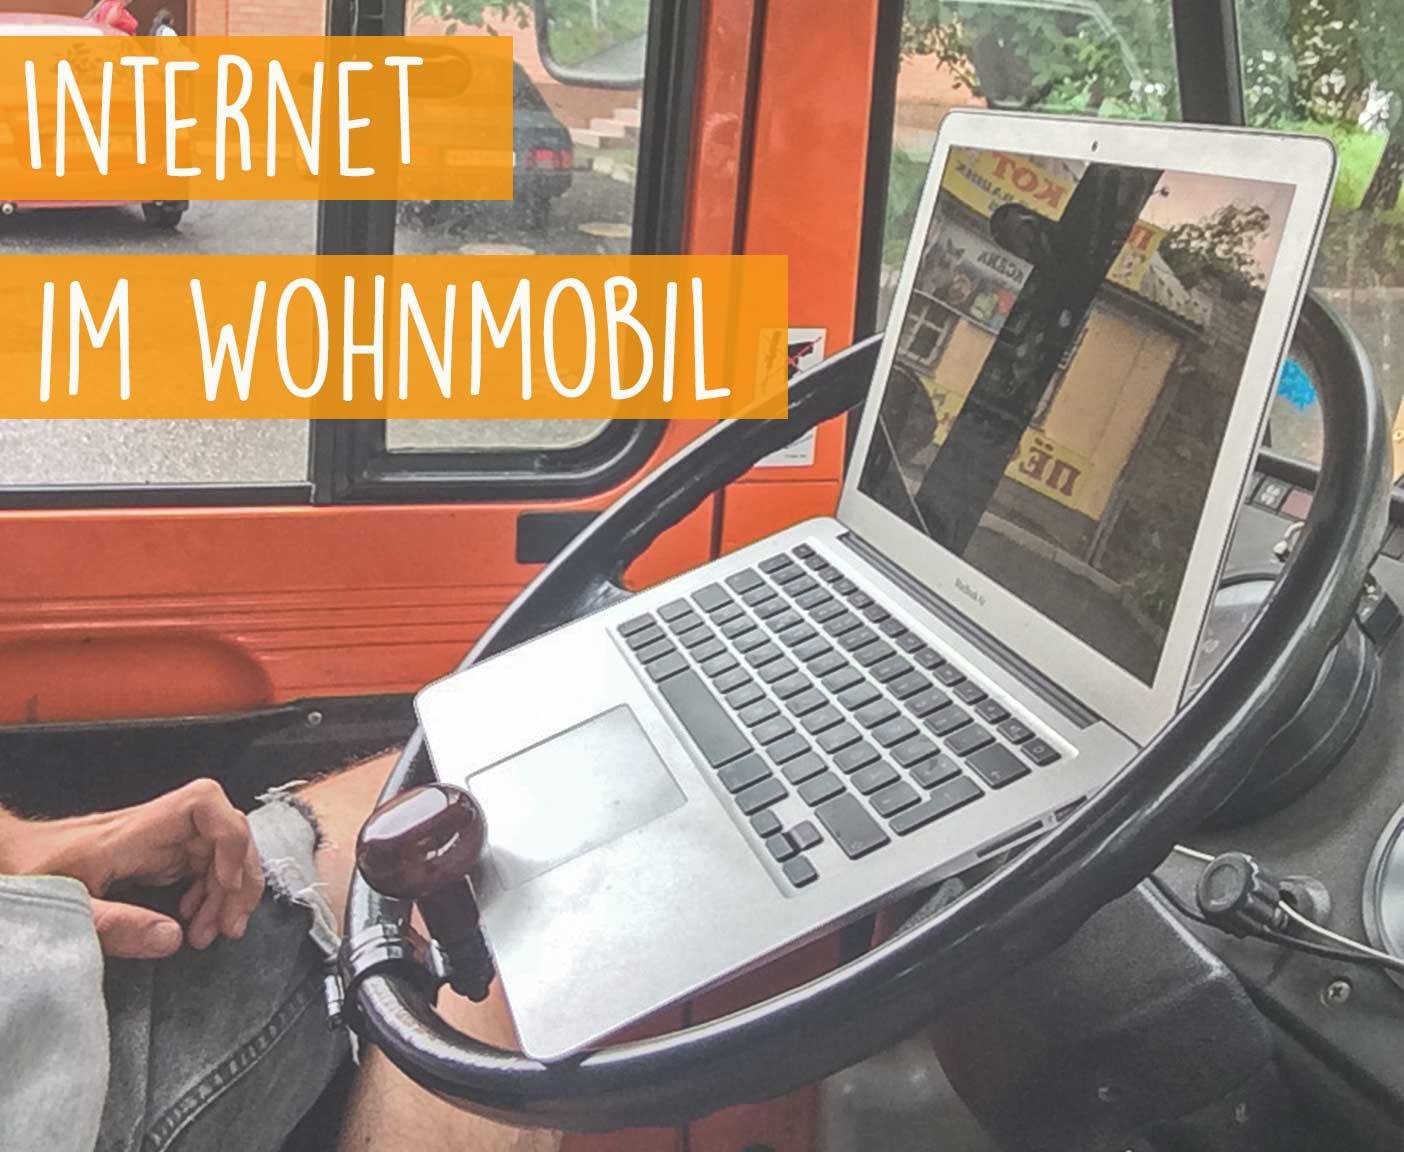 internet-im-wohnmobil-internetanschluss-moving-hotspots-fuer-reisemobile-wlan-antenne-huawei-e5372-lte-4g-wifi-hotspot-7